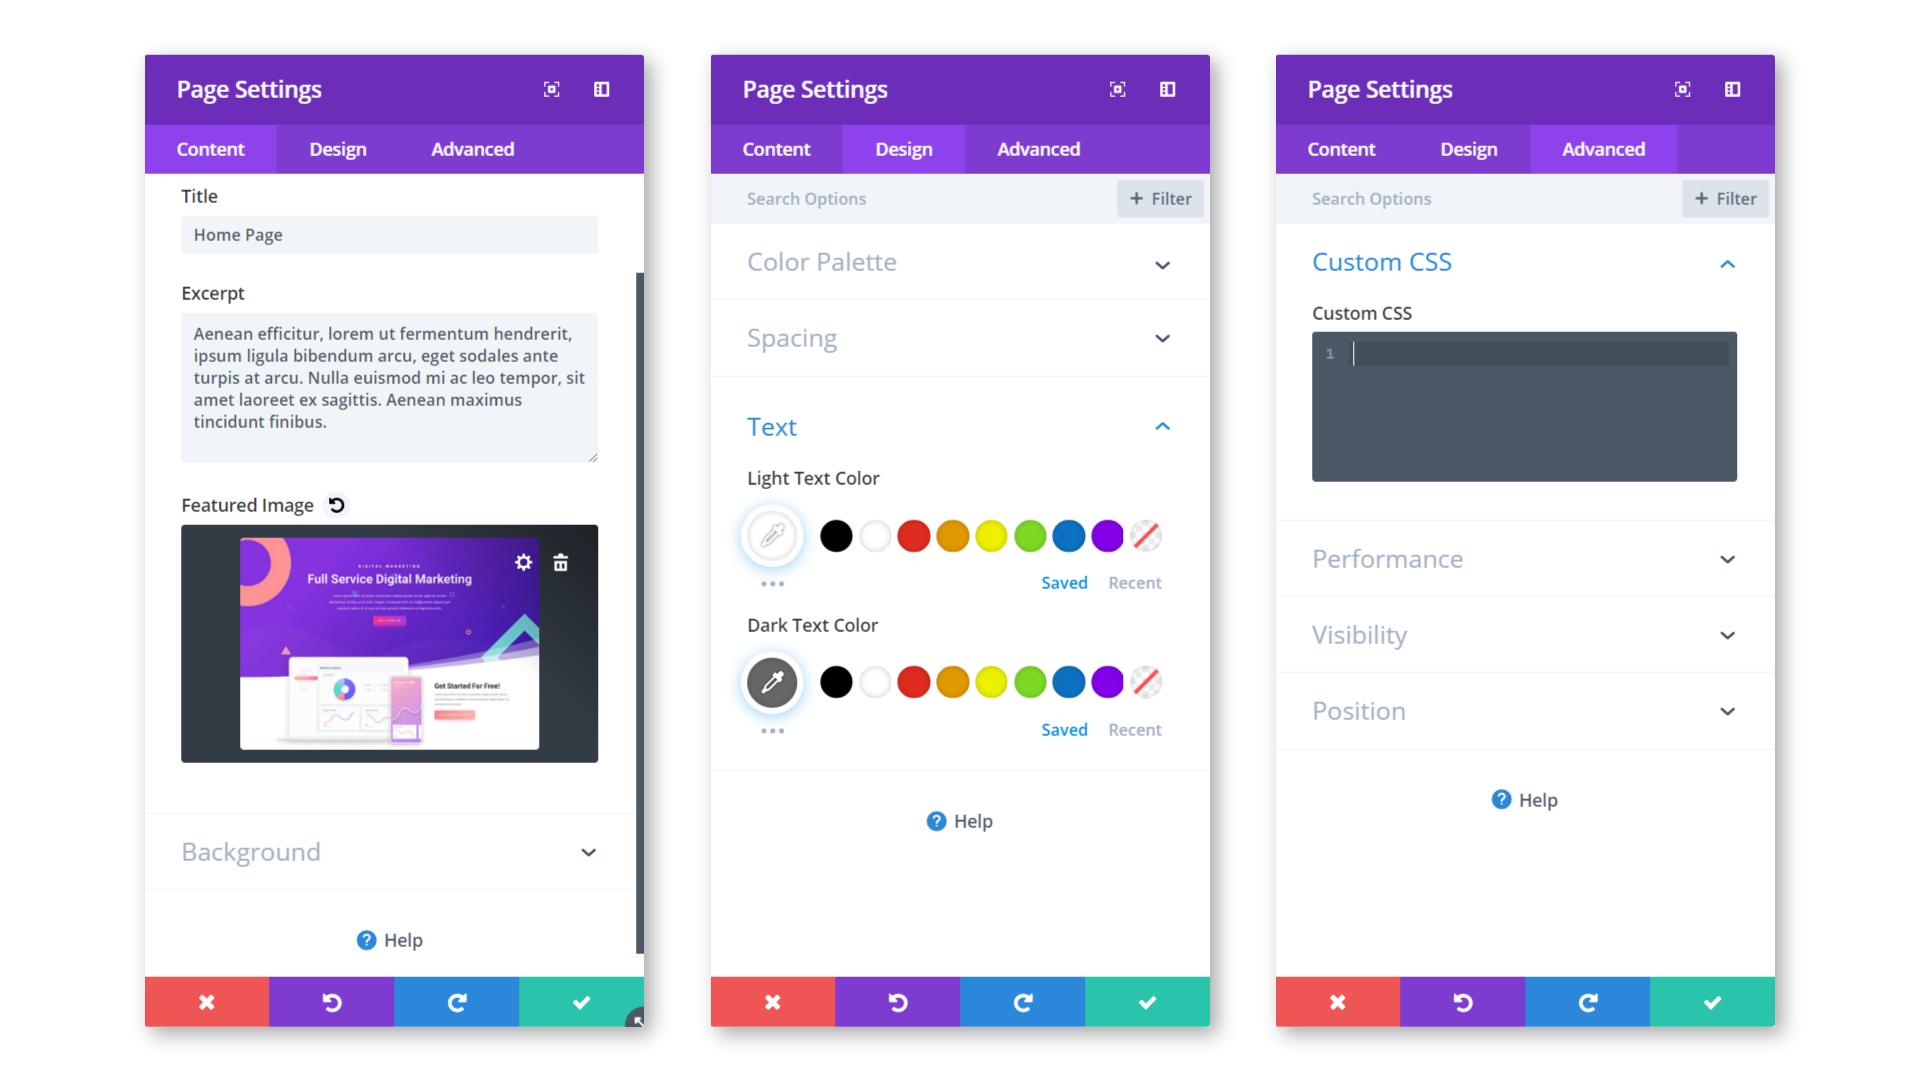 Page customization options